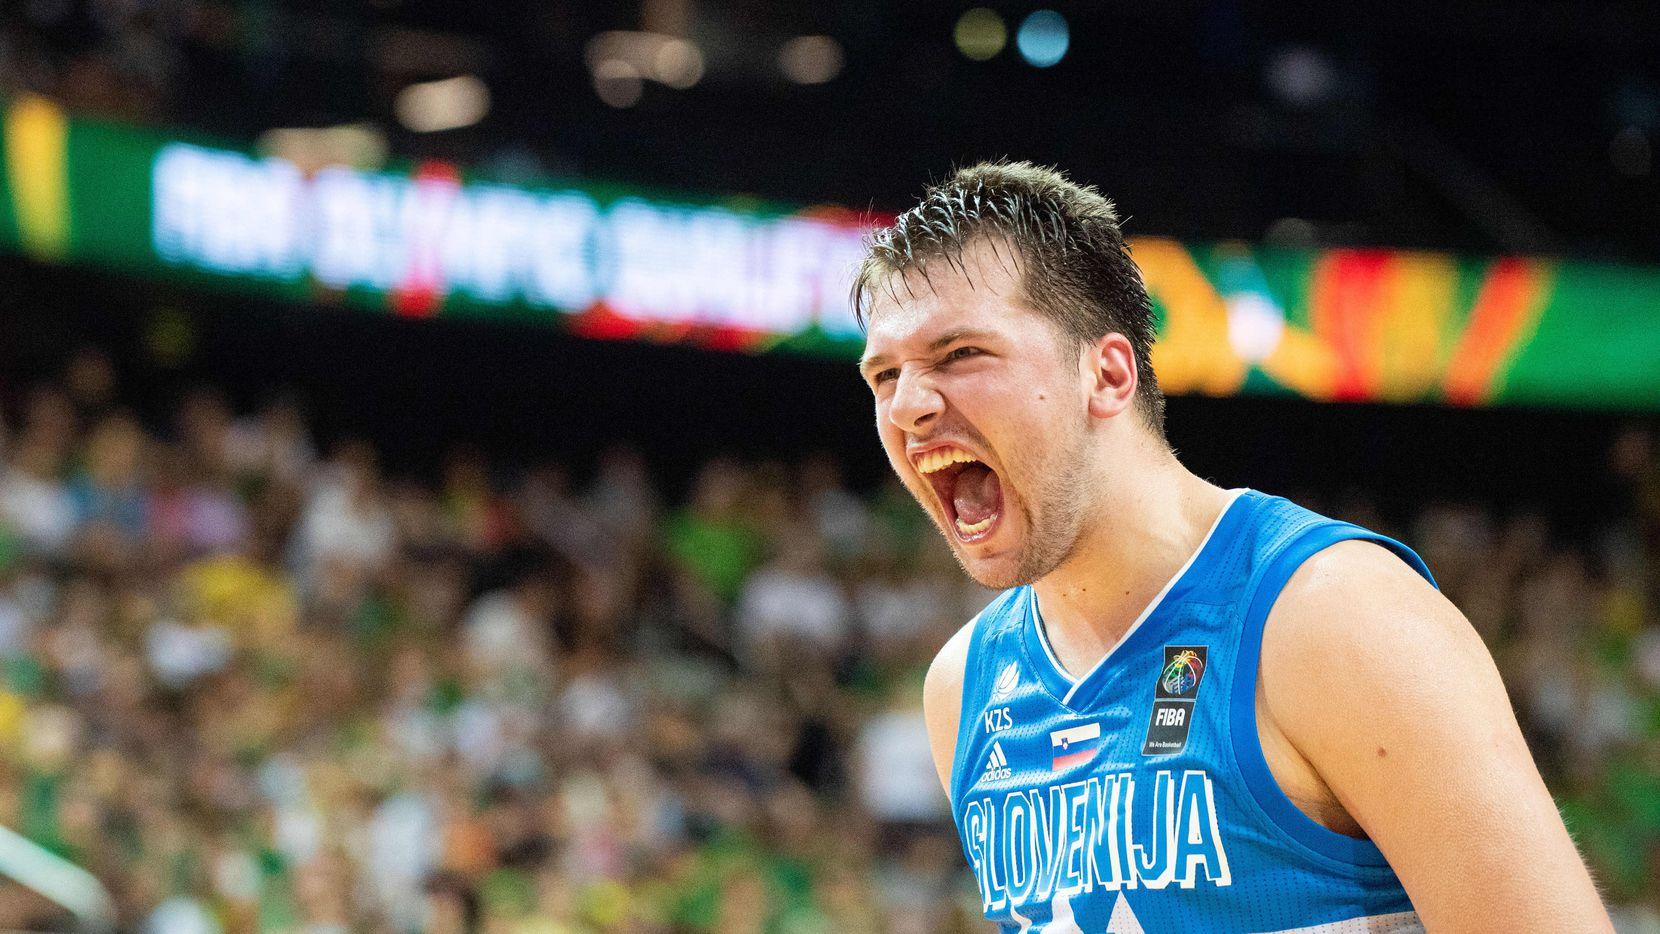 Luka Doncic de Eslovenia celebra luego de que su selección calificó a los Juegos Olímpicos de Tokio 2020.